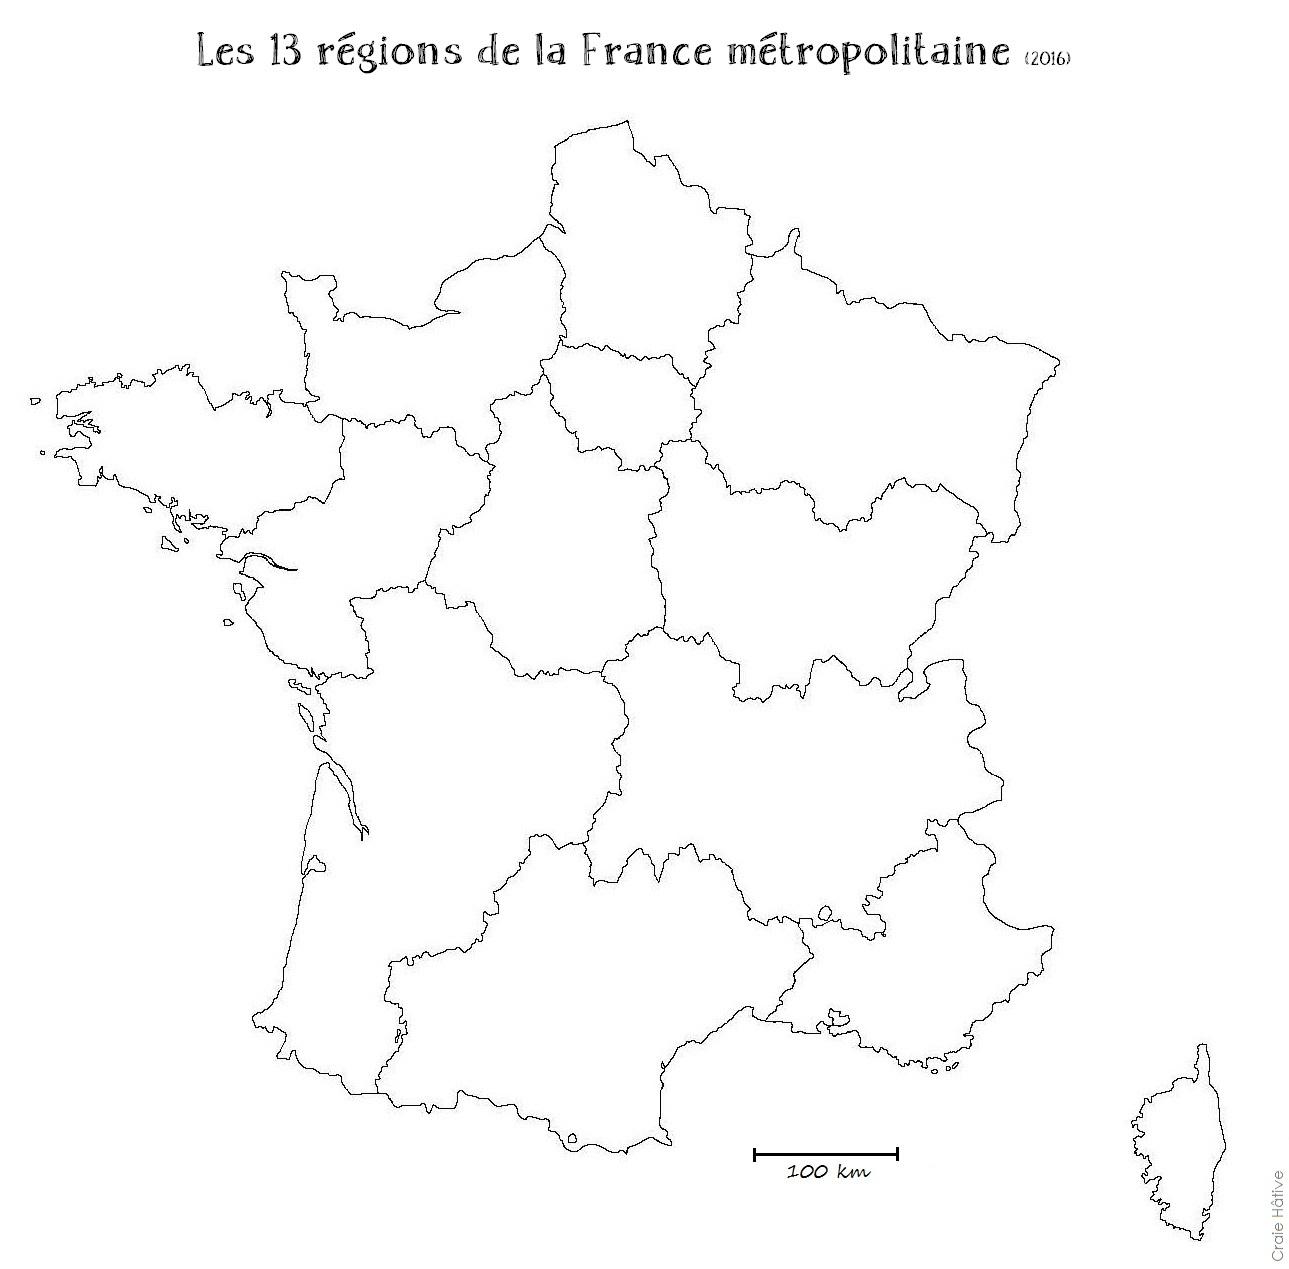 Ressources Numériques, Carte De France Vierge Nouvelles Régions à Carte Des Régions Vierge